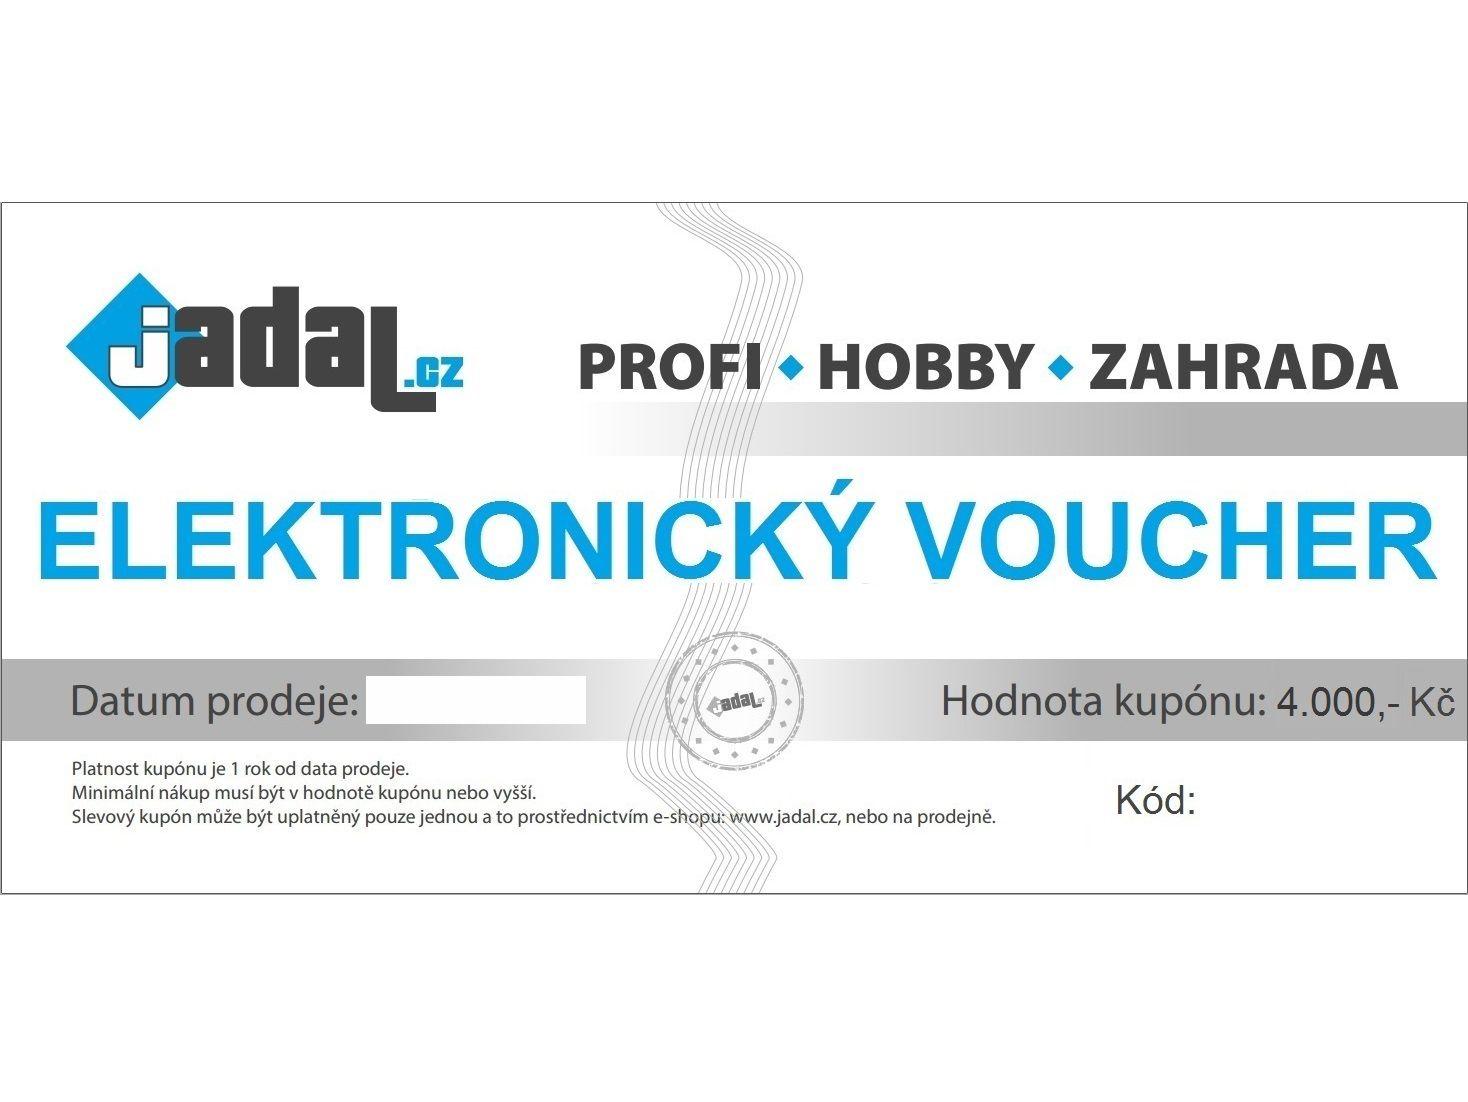 Elektronický voucher - poukaz v hodnotě 4000,-Kč